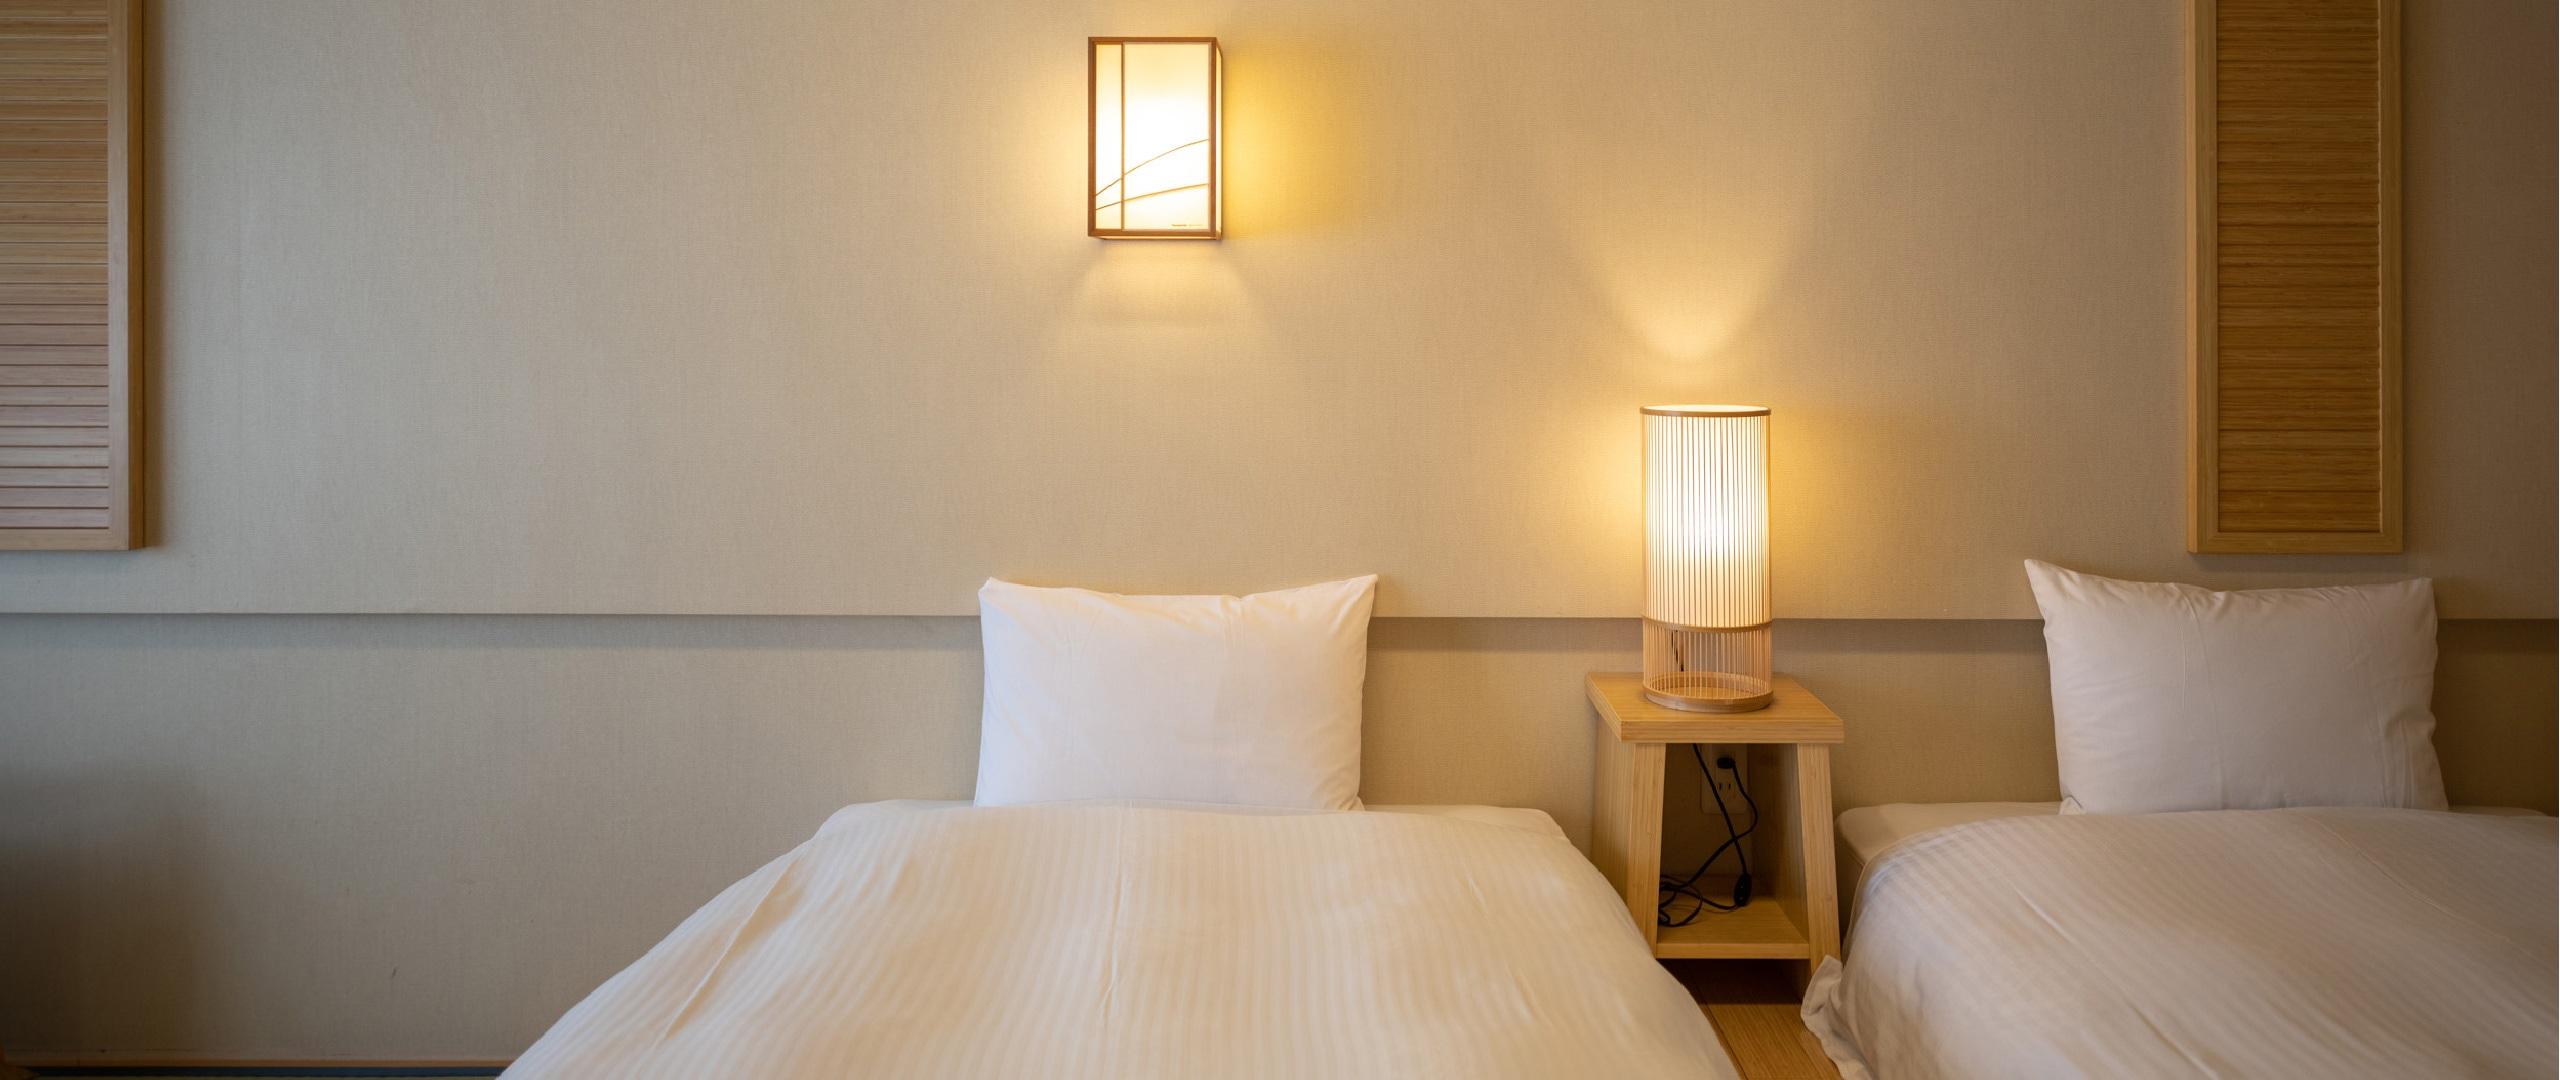 使いやすいシンプルなベッド